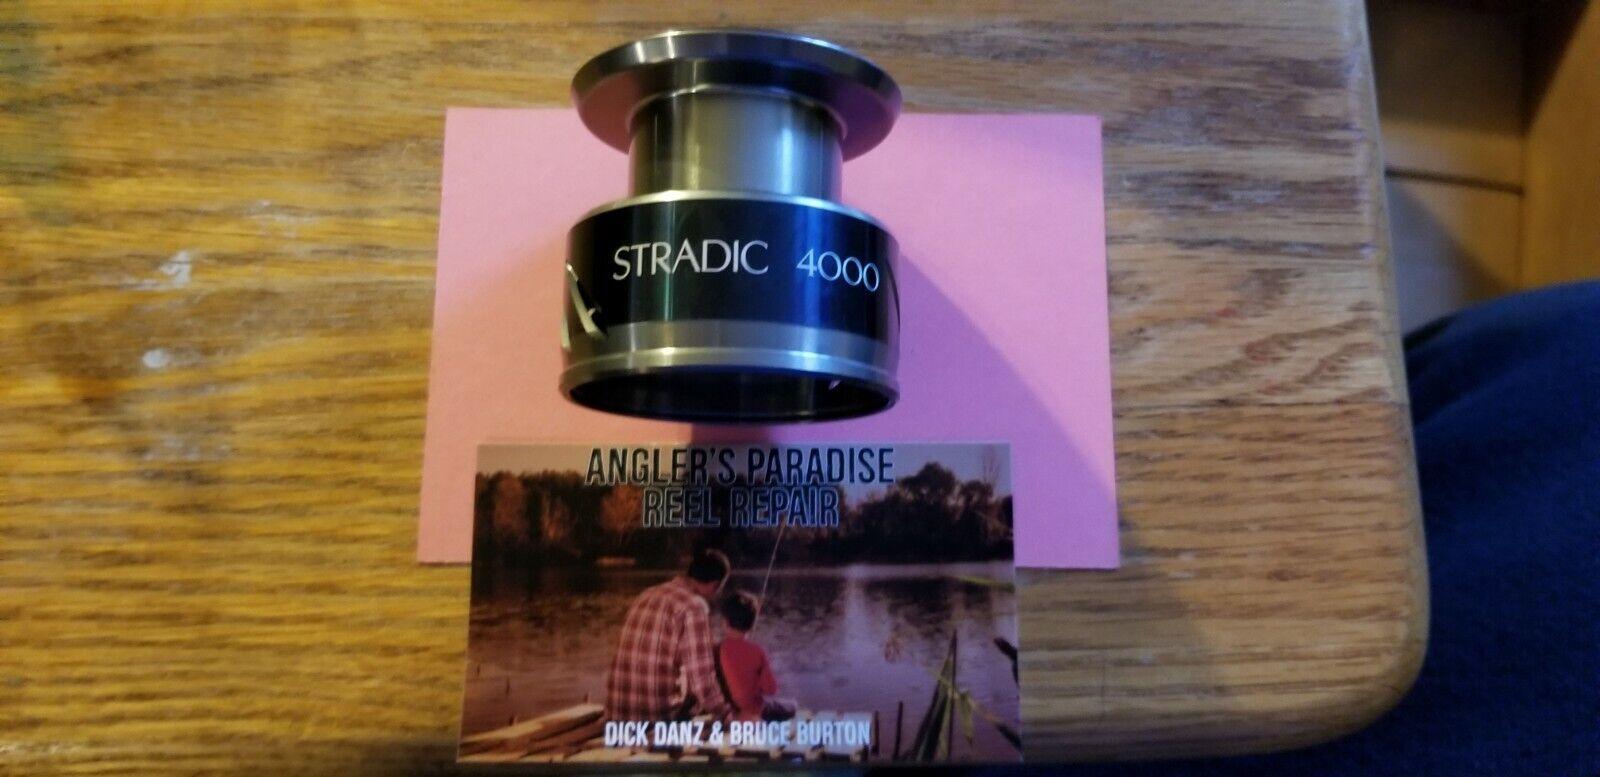 Shimano reel repair parts (spool Stradic 4000 XG)